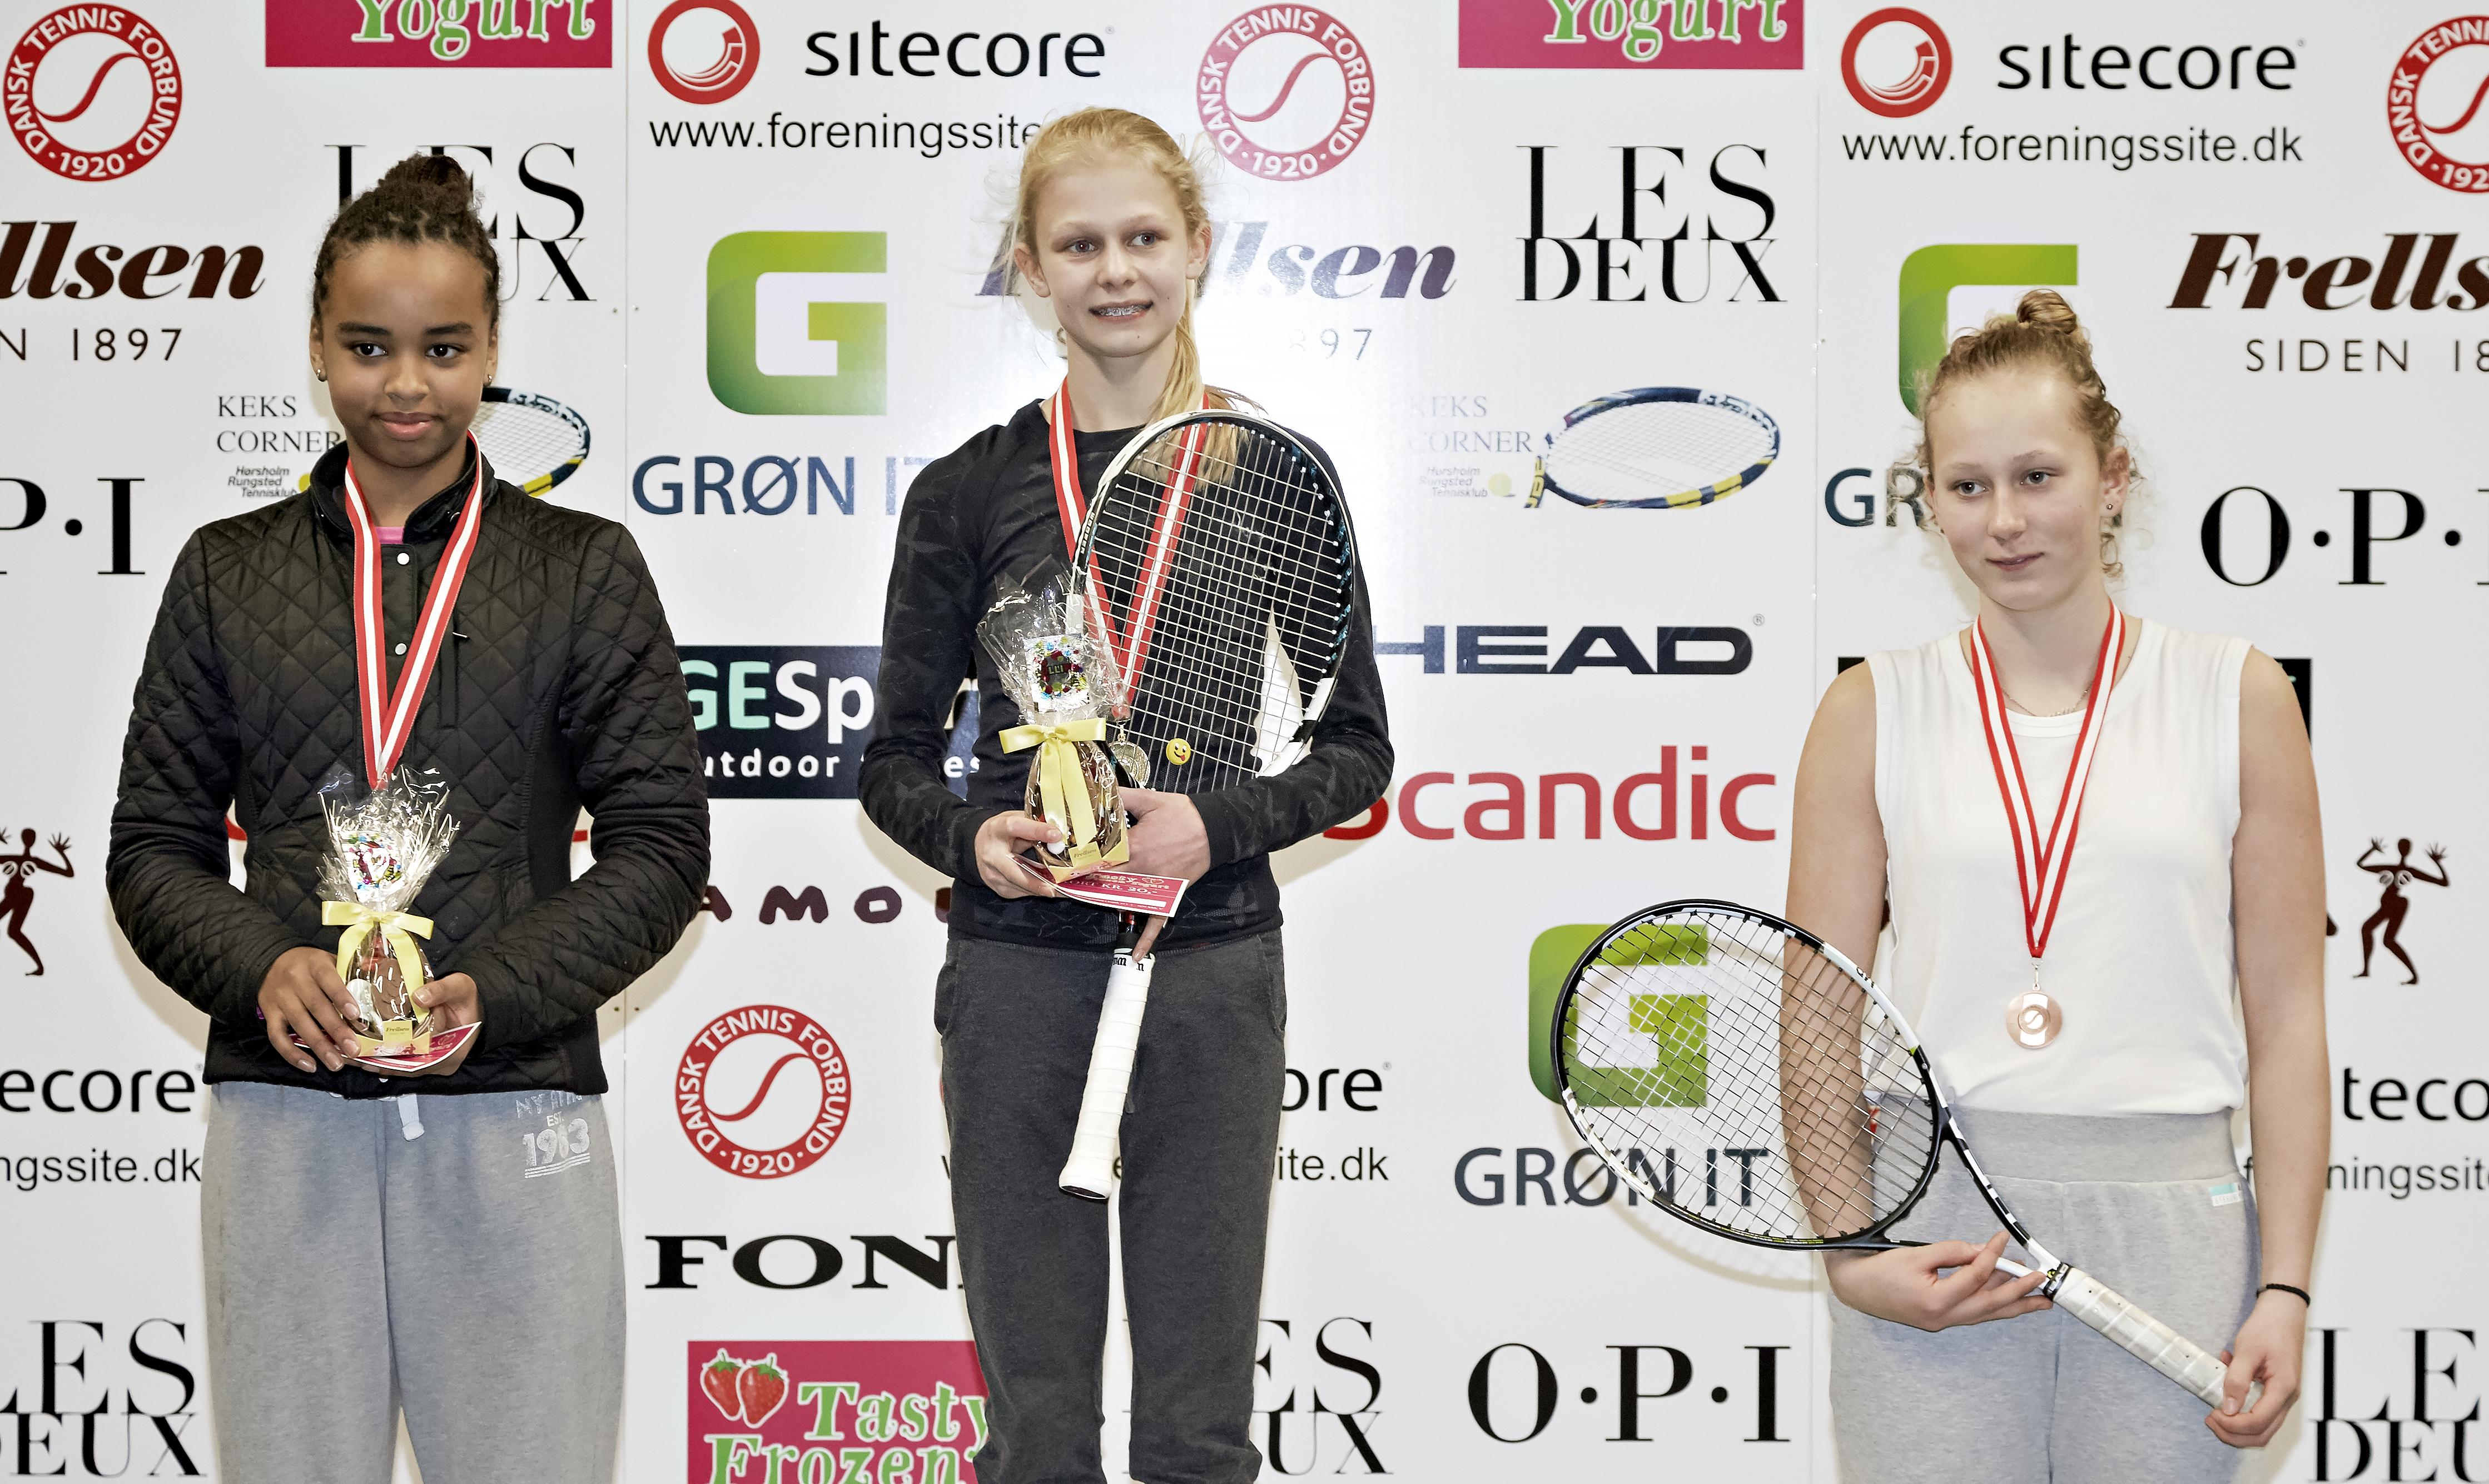 Martha-Elisa Stemann, Hannah Viller Møller, Mille Elsborg